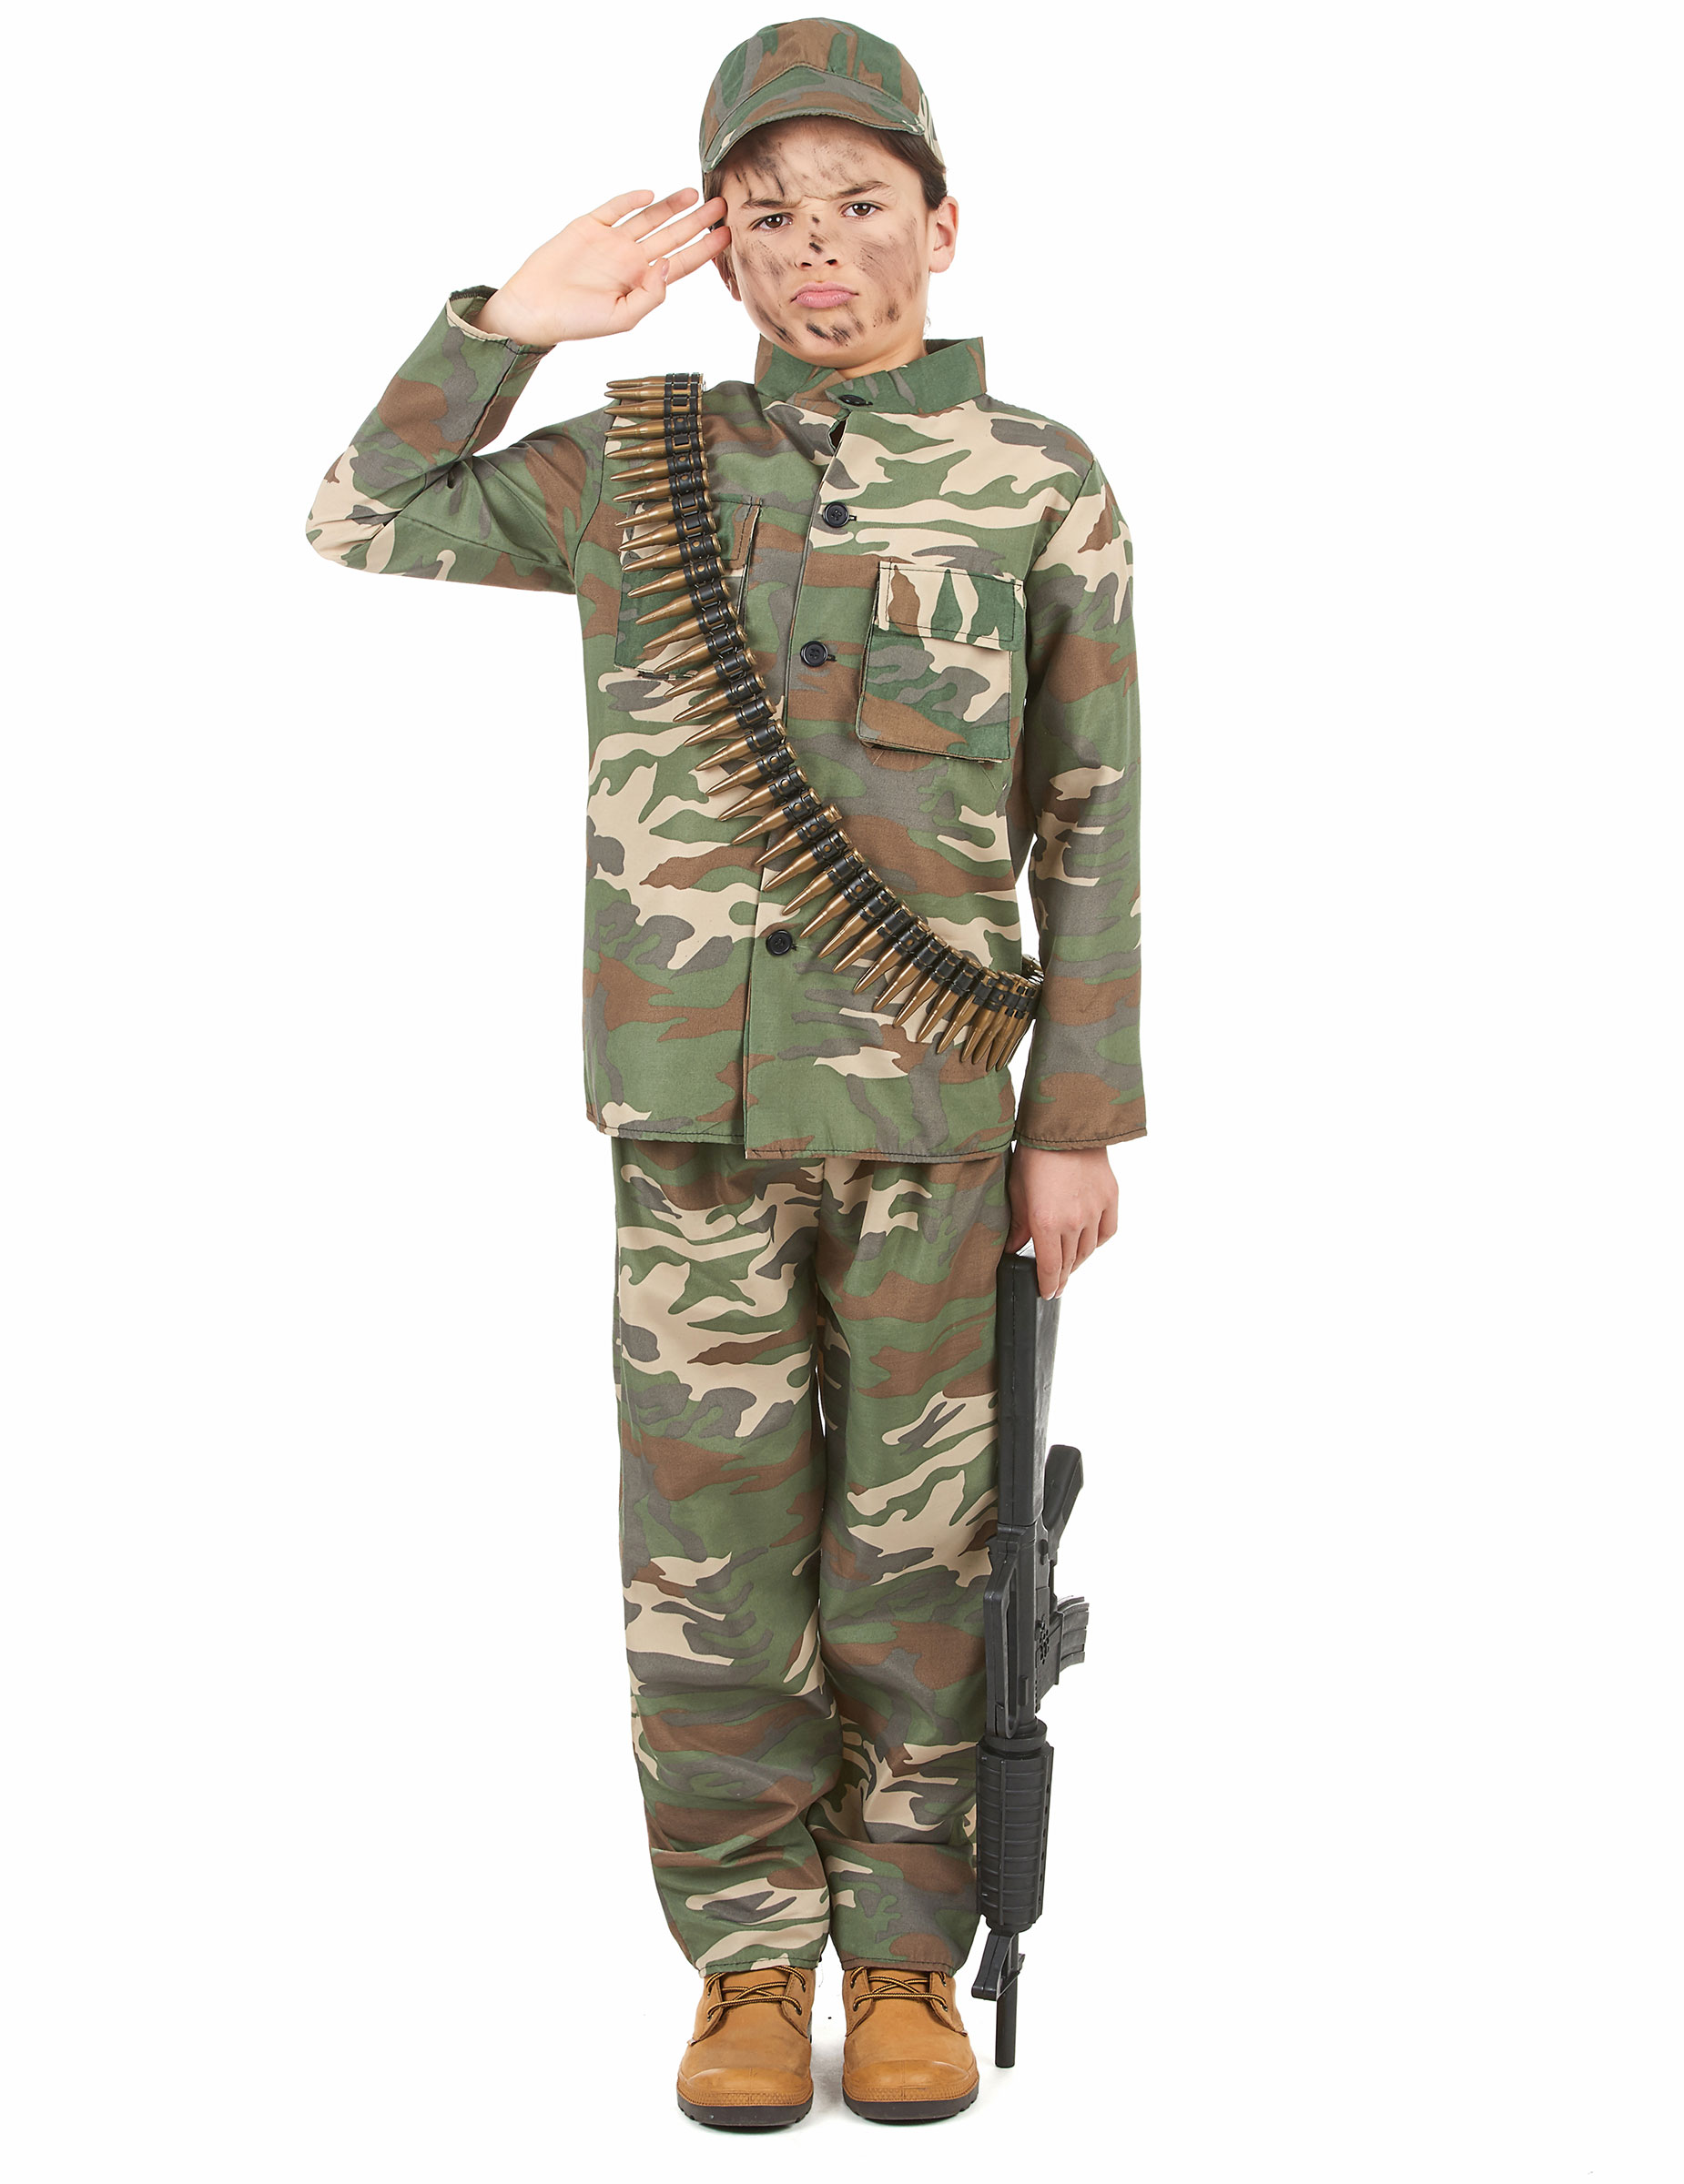 d guisement soldat gar on achat de d guisements enfants sur vegaoopro grossiste en d guisements. Black Bedroom Furniture Sets. Home Design Ideas